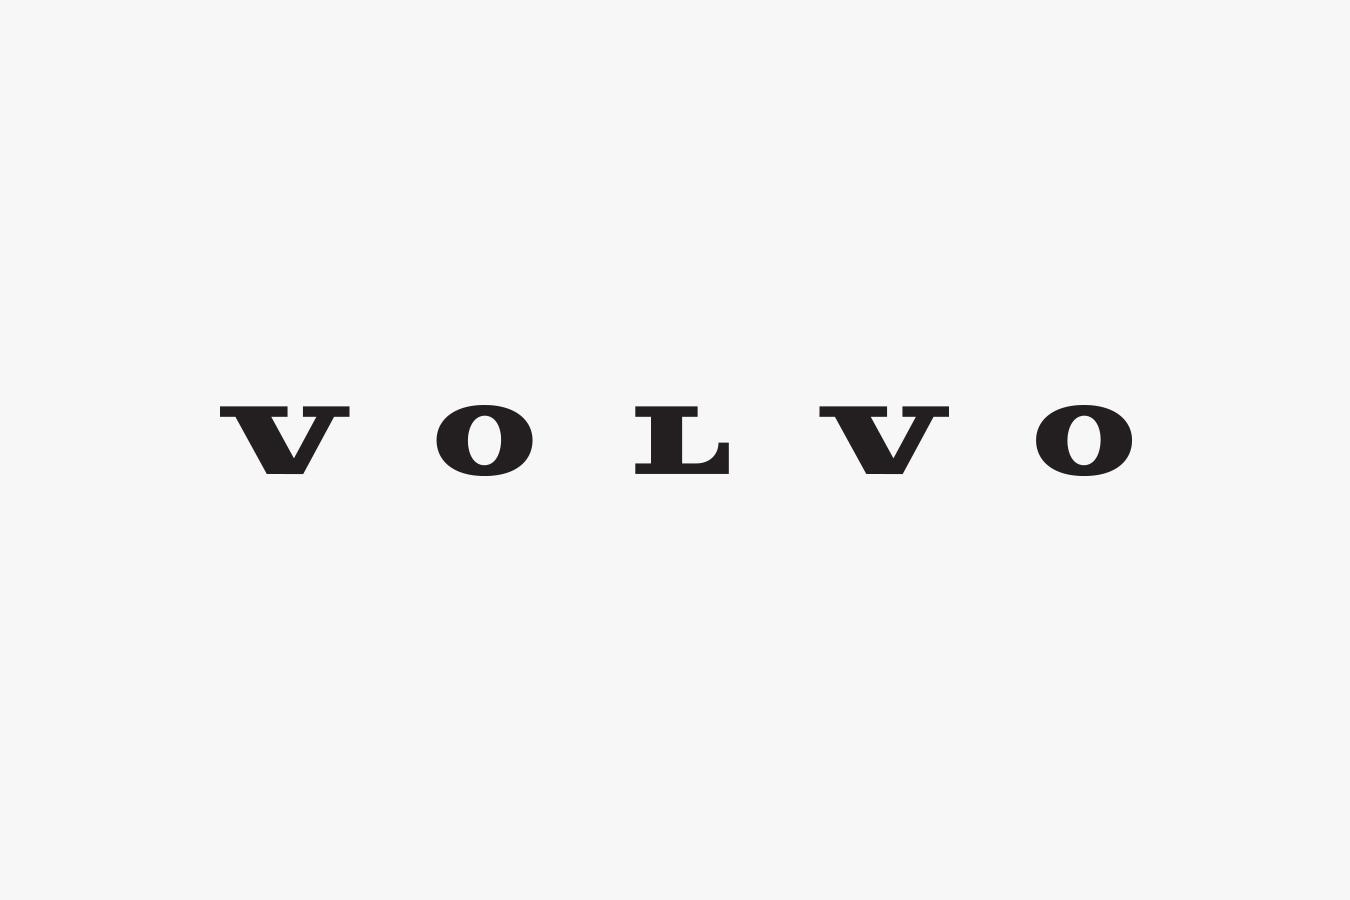 VOLVO CARS NOMME DAVID IBISON AU POSTE DE RESPONSABLE DES RELATIONS PRESSE INTERNATIONALES